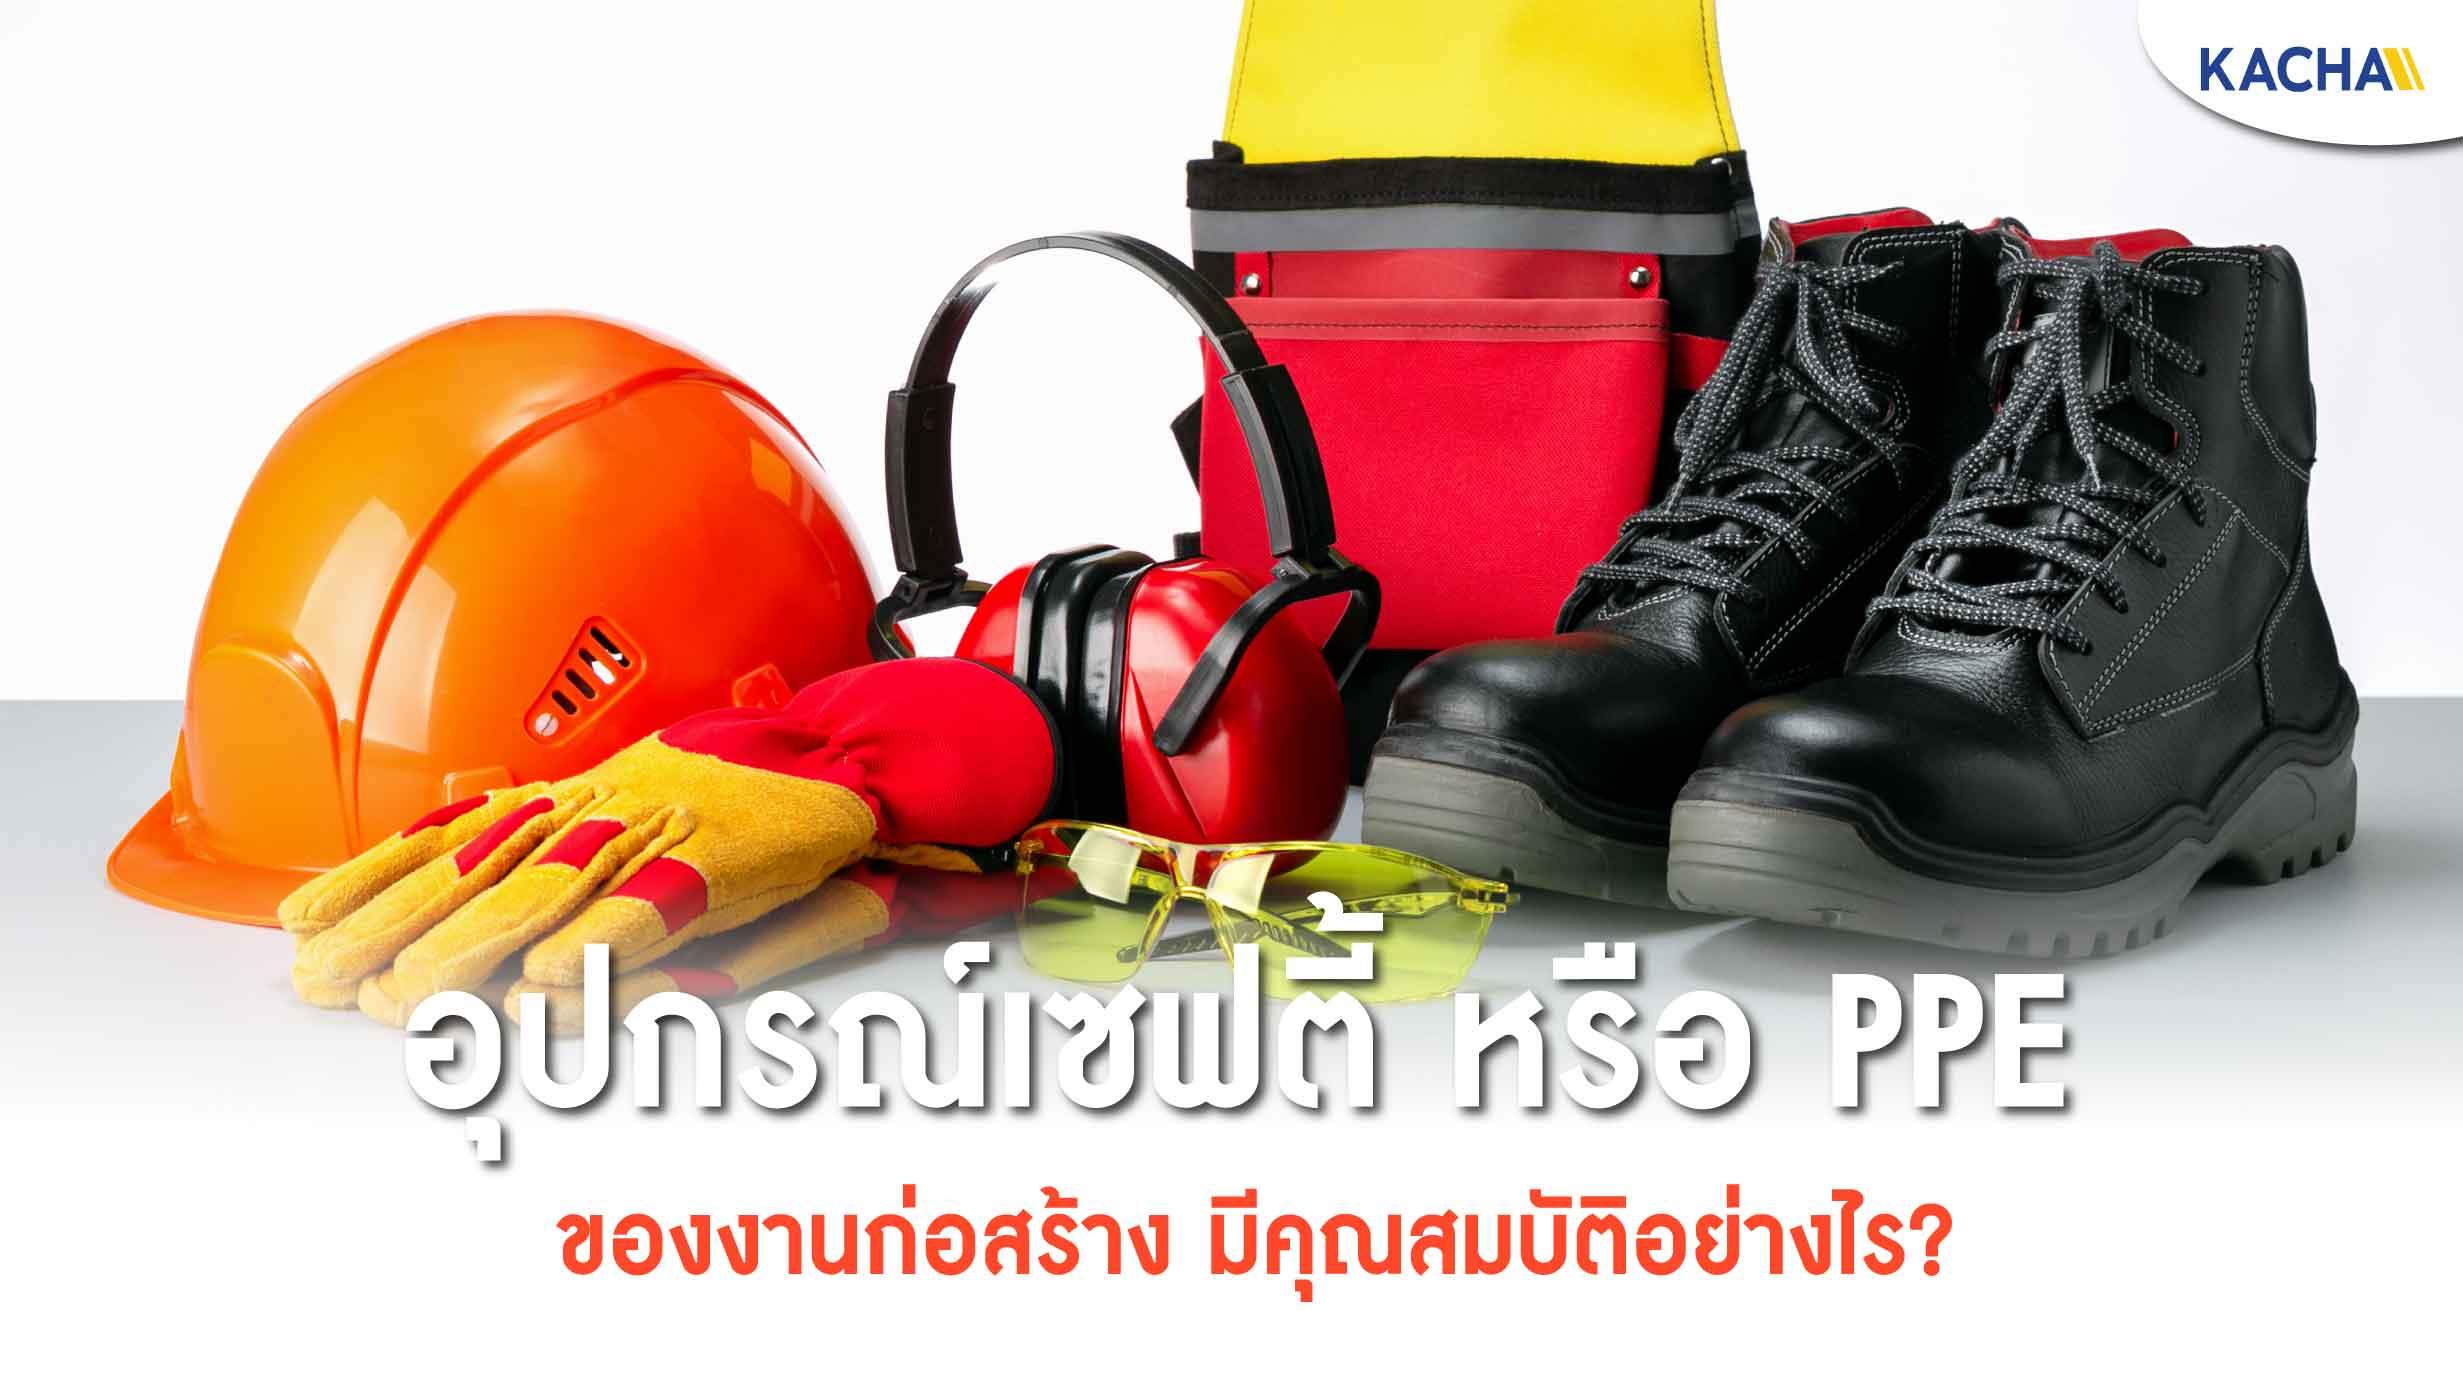 210616-Content-อุปกรณ์เซฟตี้-หรือ-PPE-คืออะไร01